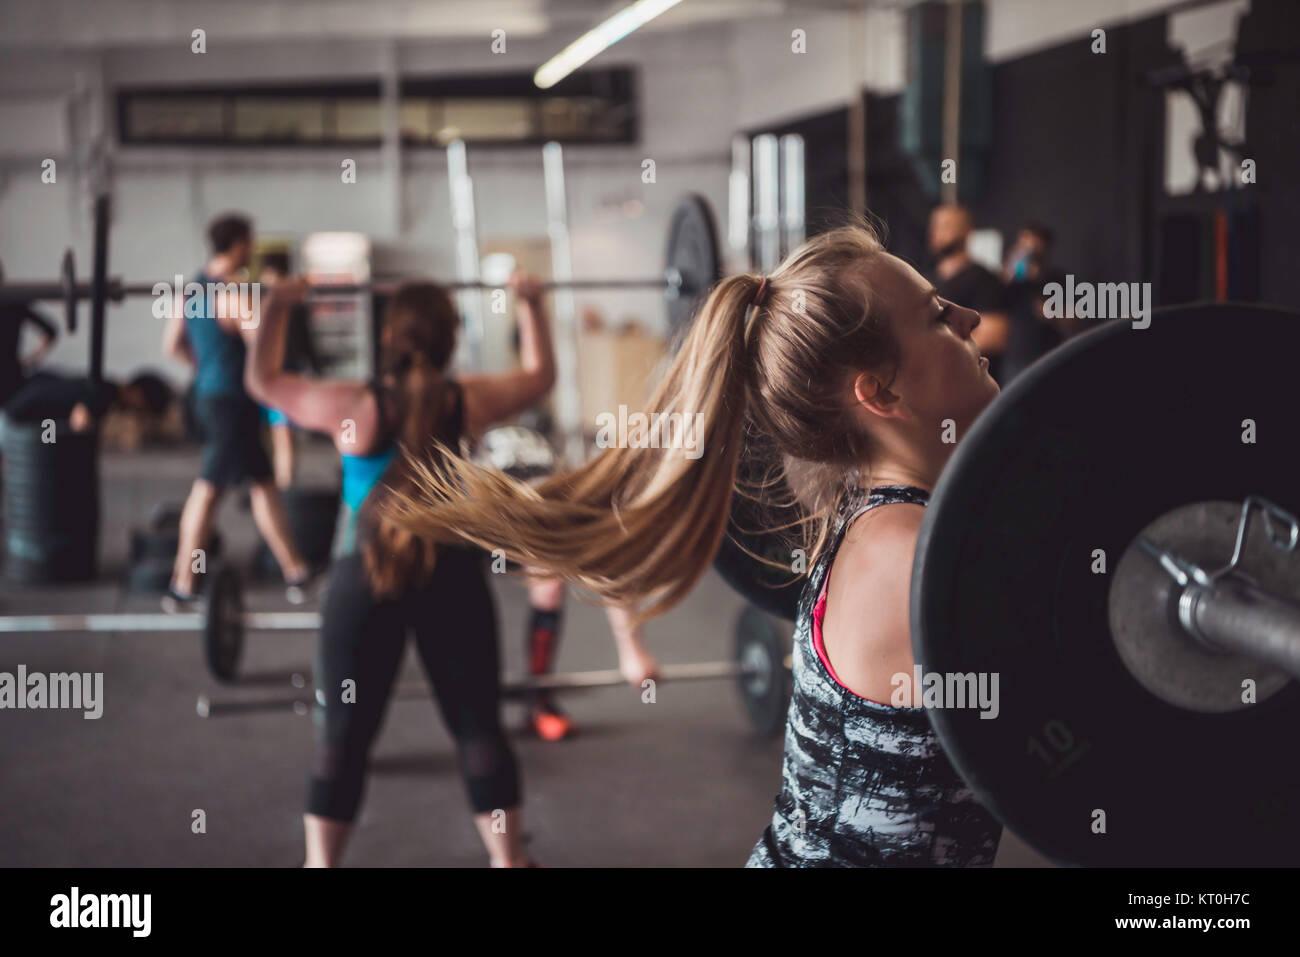 Les femmes et la formation de remise en forme. L'haltérophilie, l'élaboration et la formation polyvalente. Banque D'Images